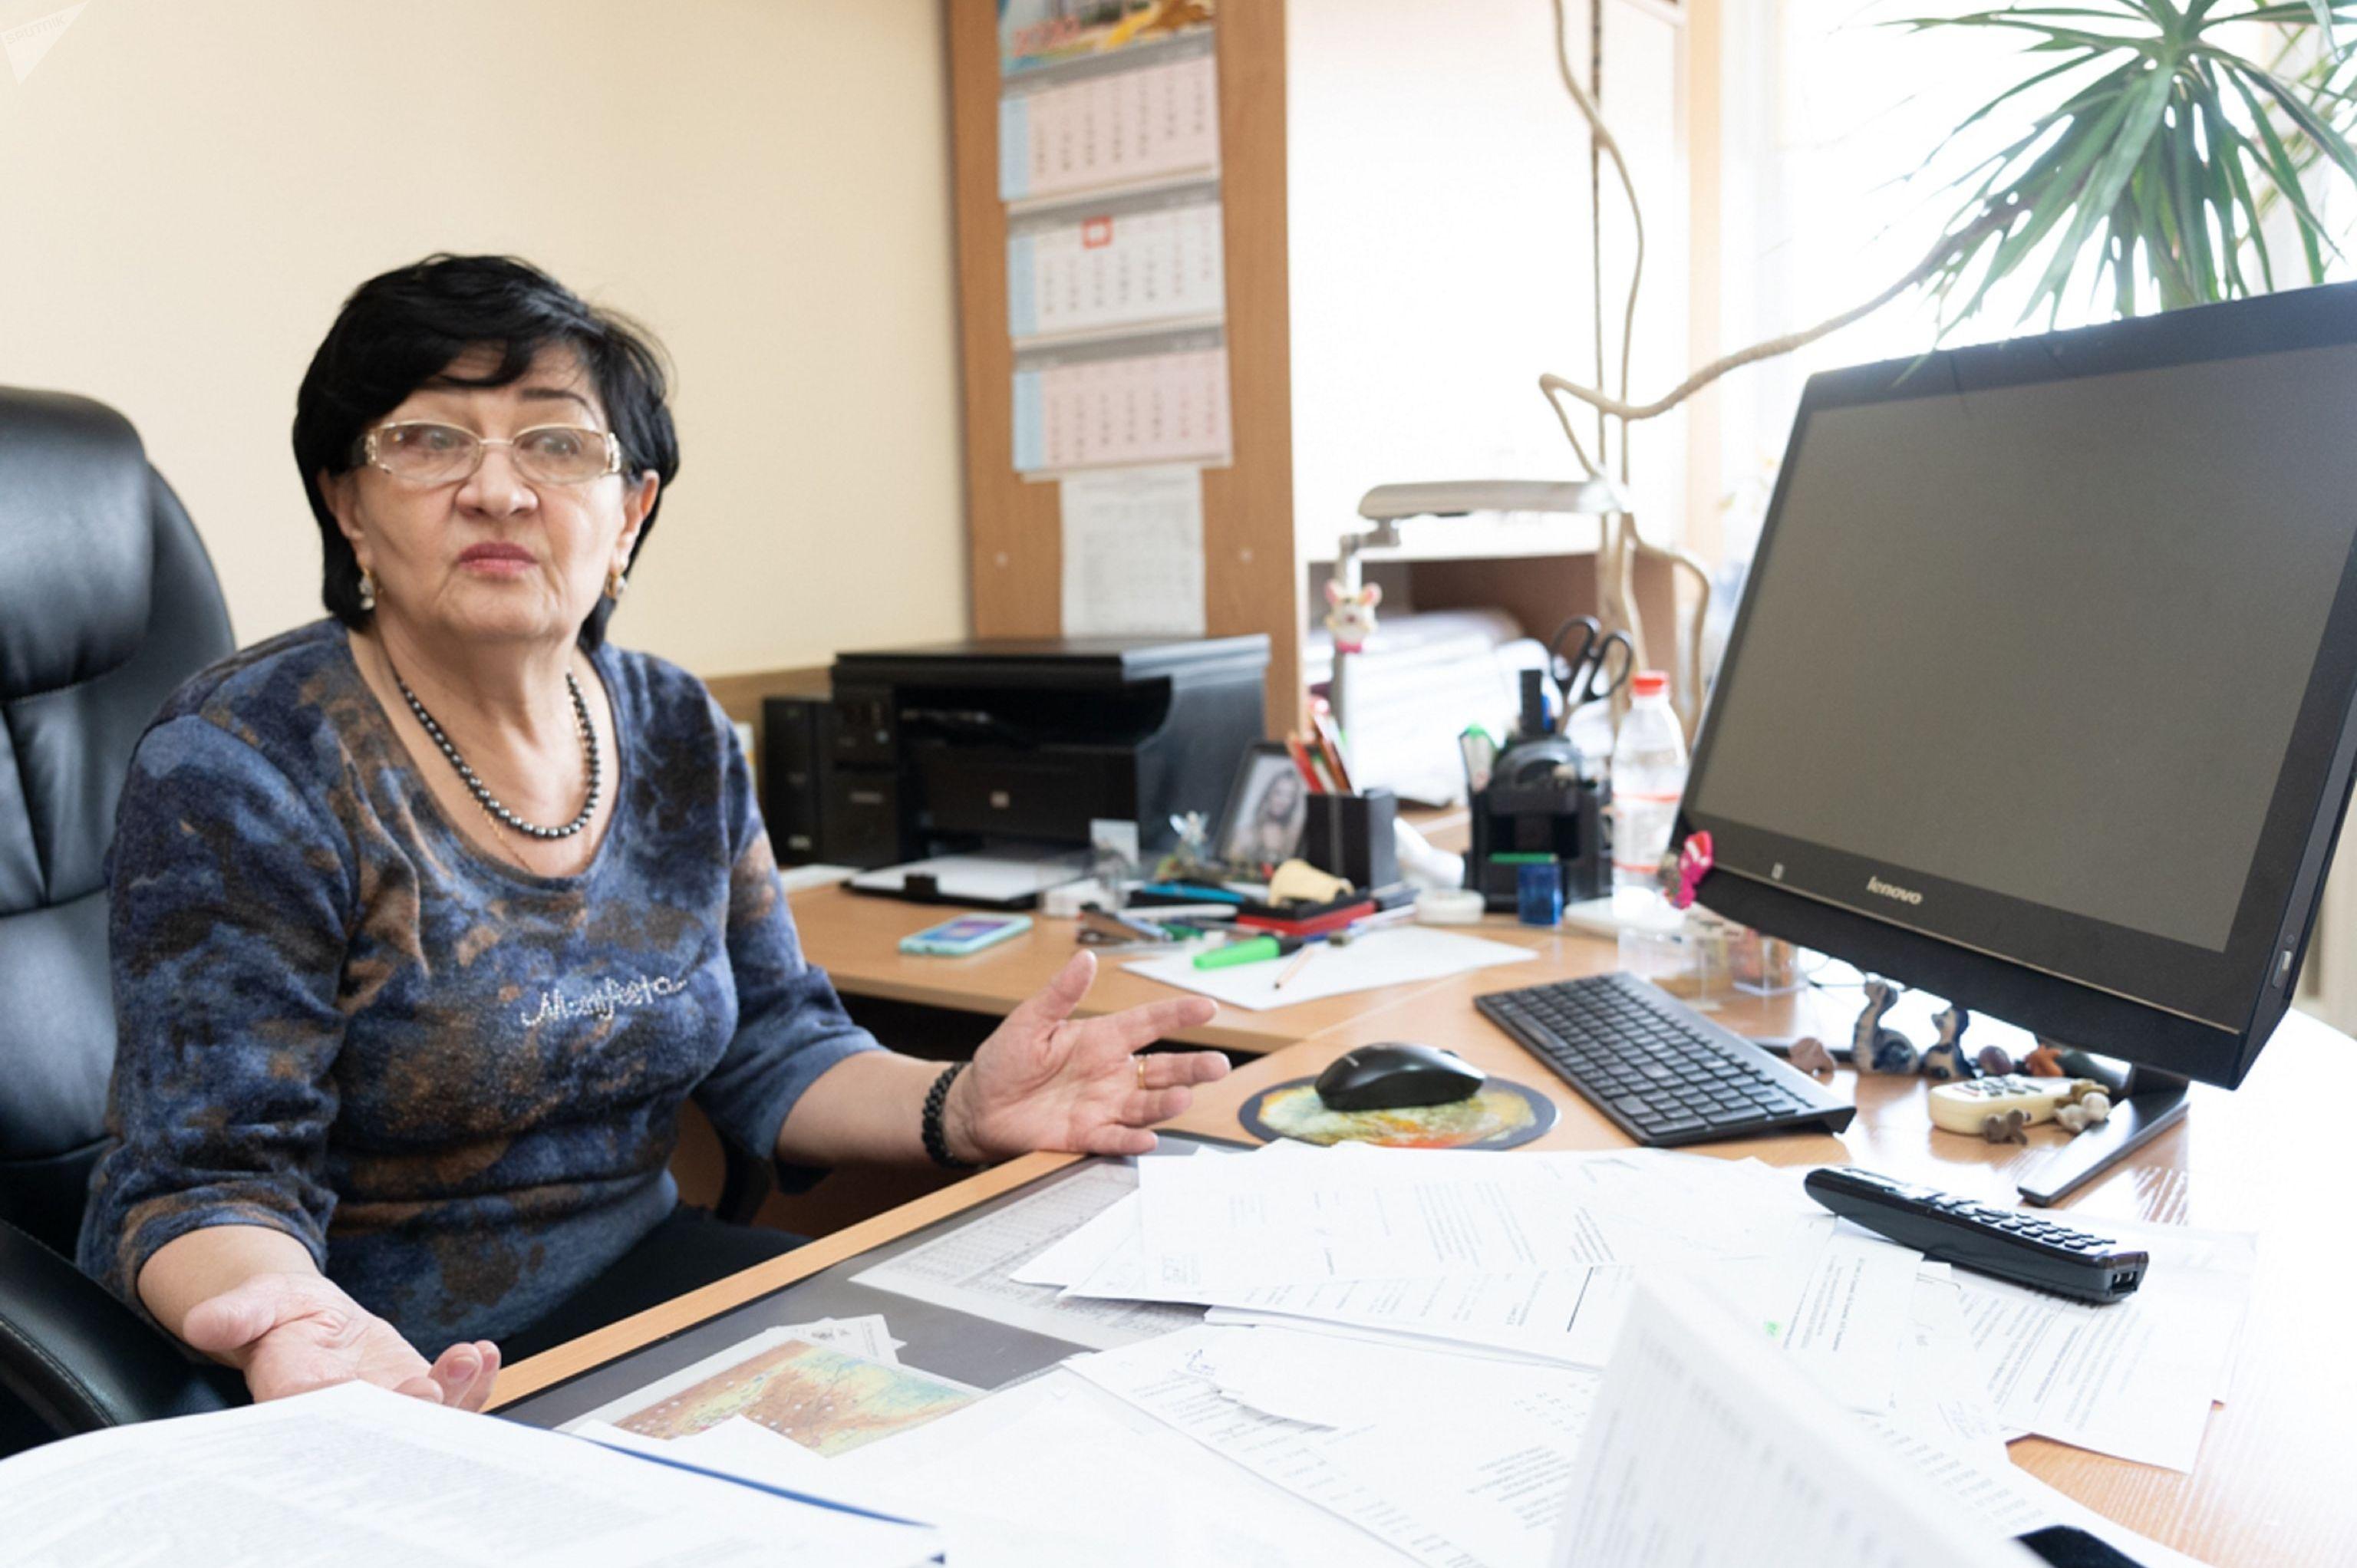 Заведующая лабораторией региональной сейсмичности Института сейсмологии, доктор физико-математических наук Алла Садыкова